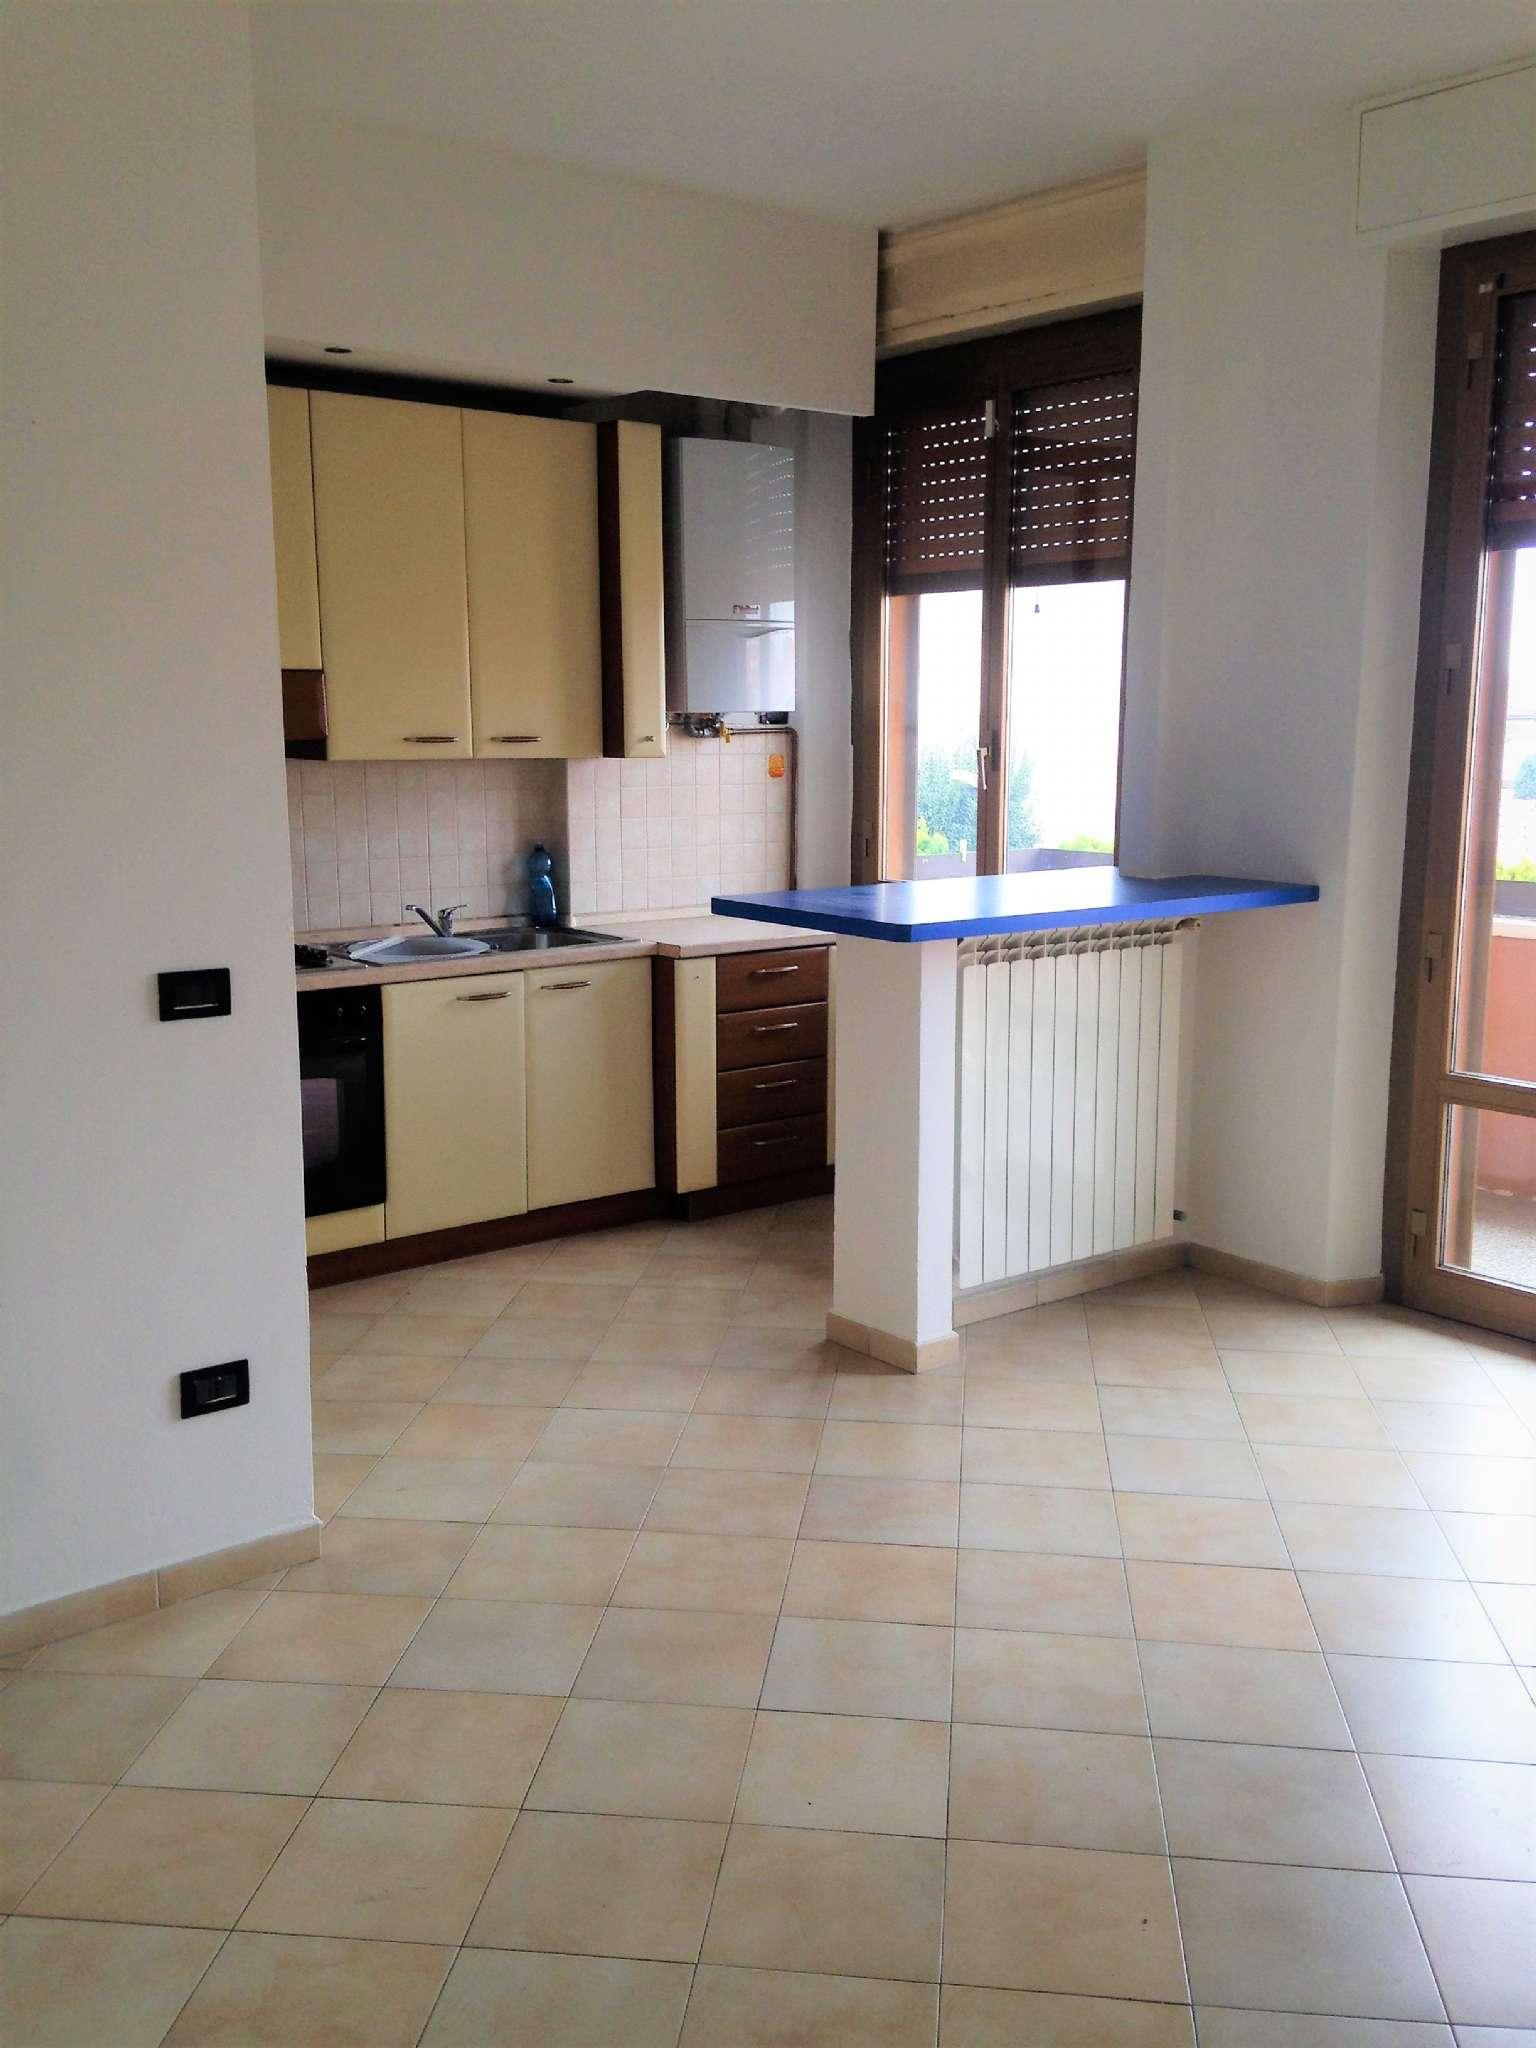 Appartamento in vendita a Arluno, 2 locali, prezzo € 87.000 | CambioCasa.it